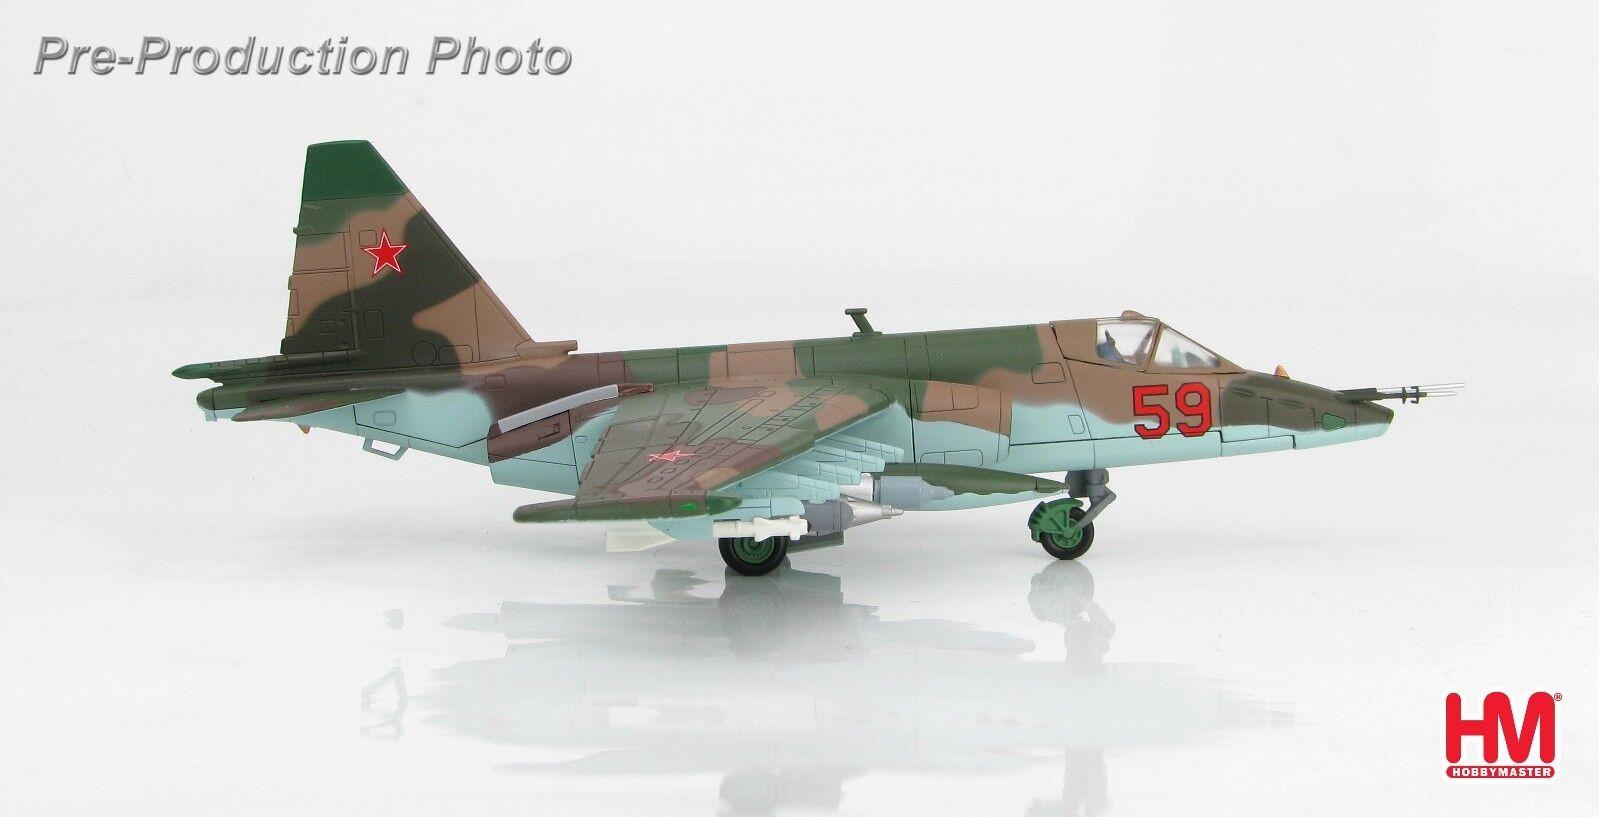 Hobby Master HA6103 Su-25  Frogfoot  rosso 59, 378. oshap, VVS, URSS conectado a un